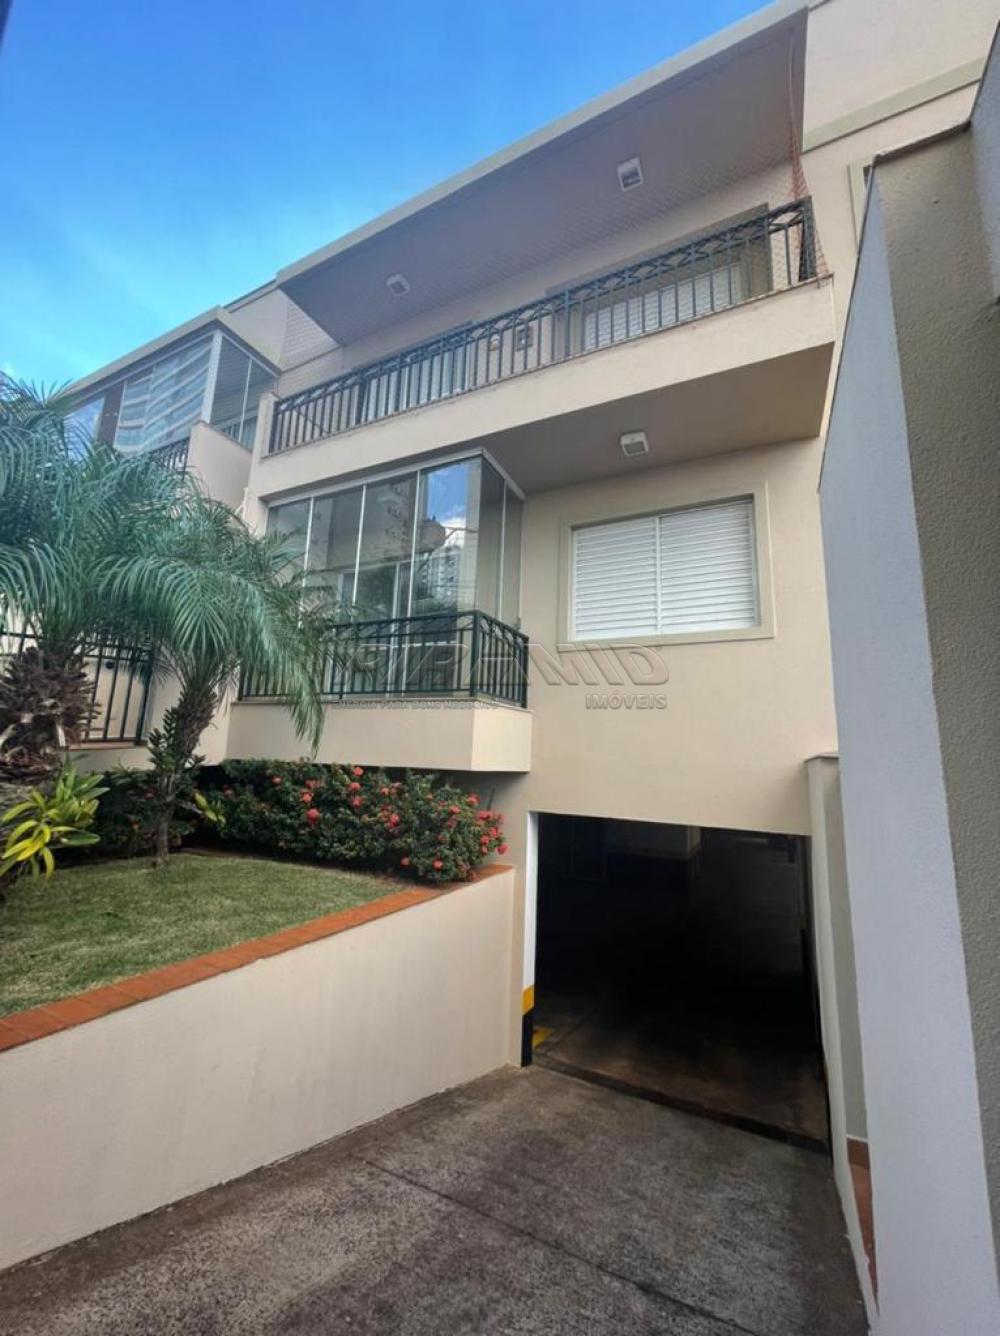 Comprar Apartamento / Padrão em Ribeirão Preto R$ 420.000,00 - Foto 17